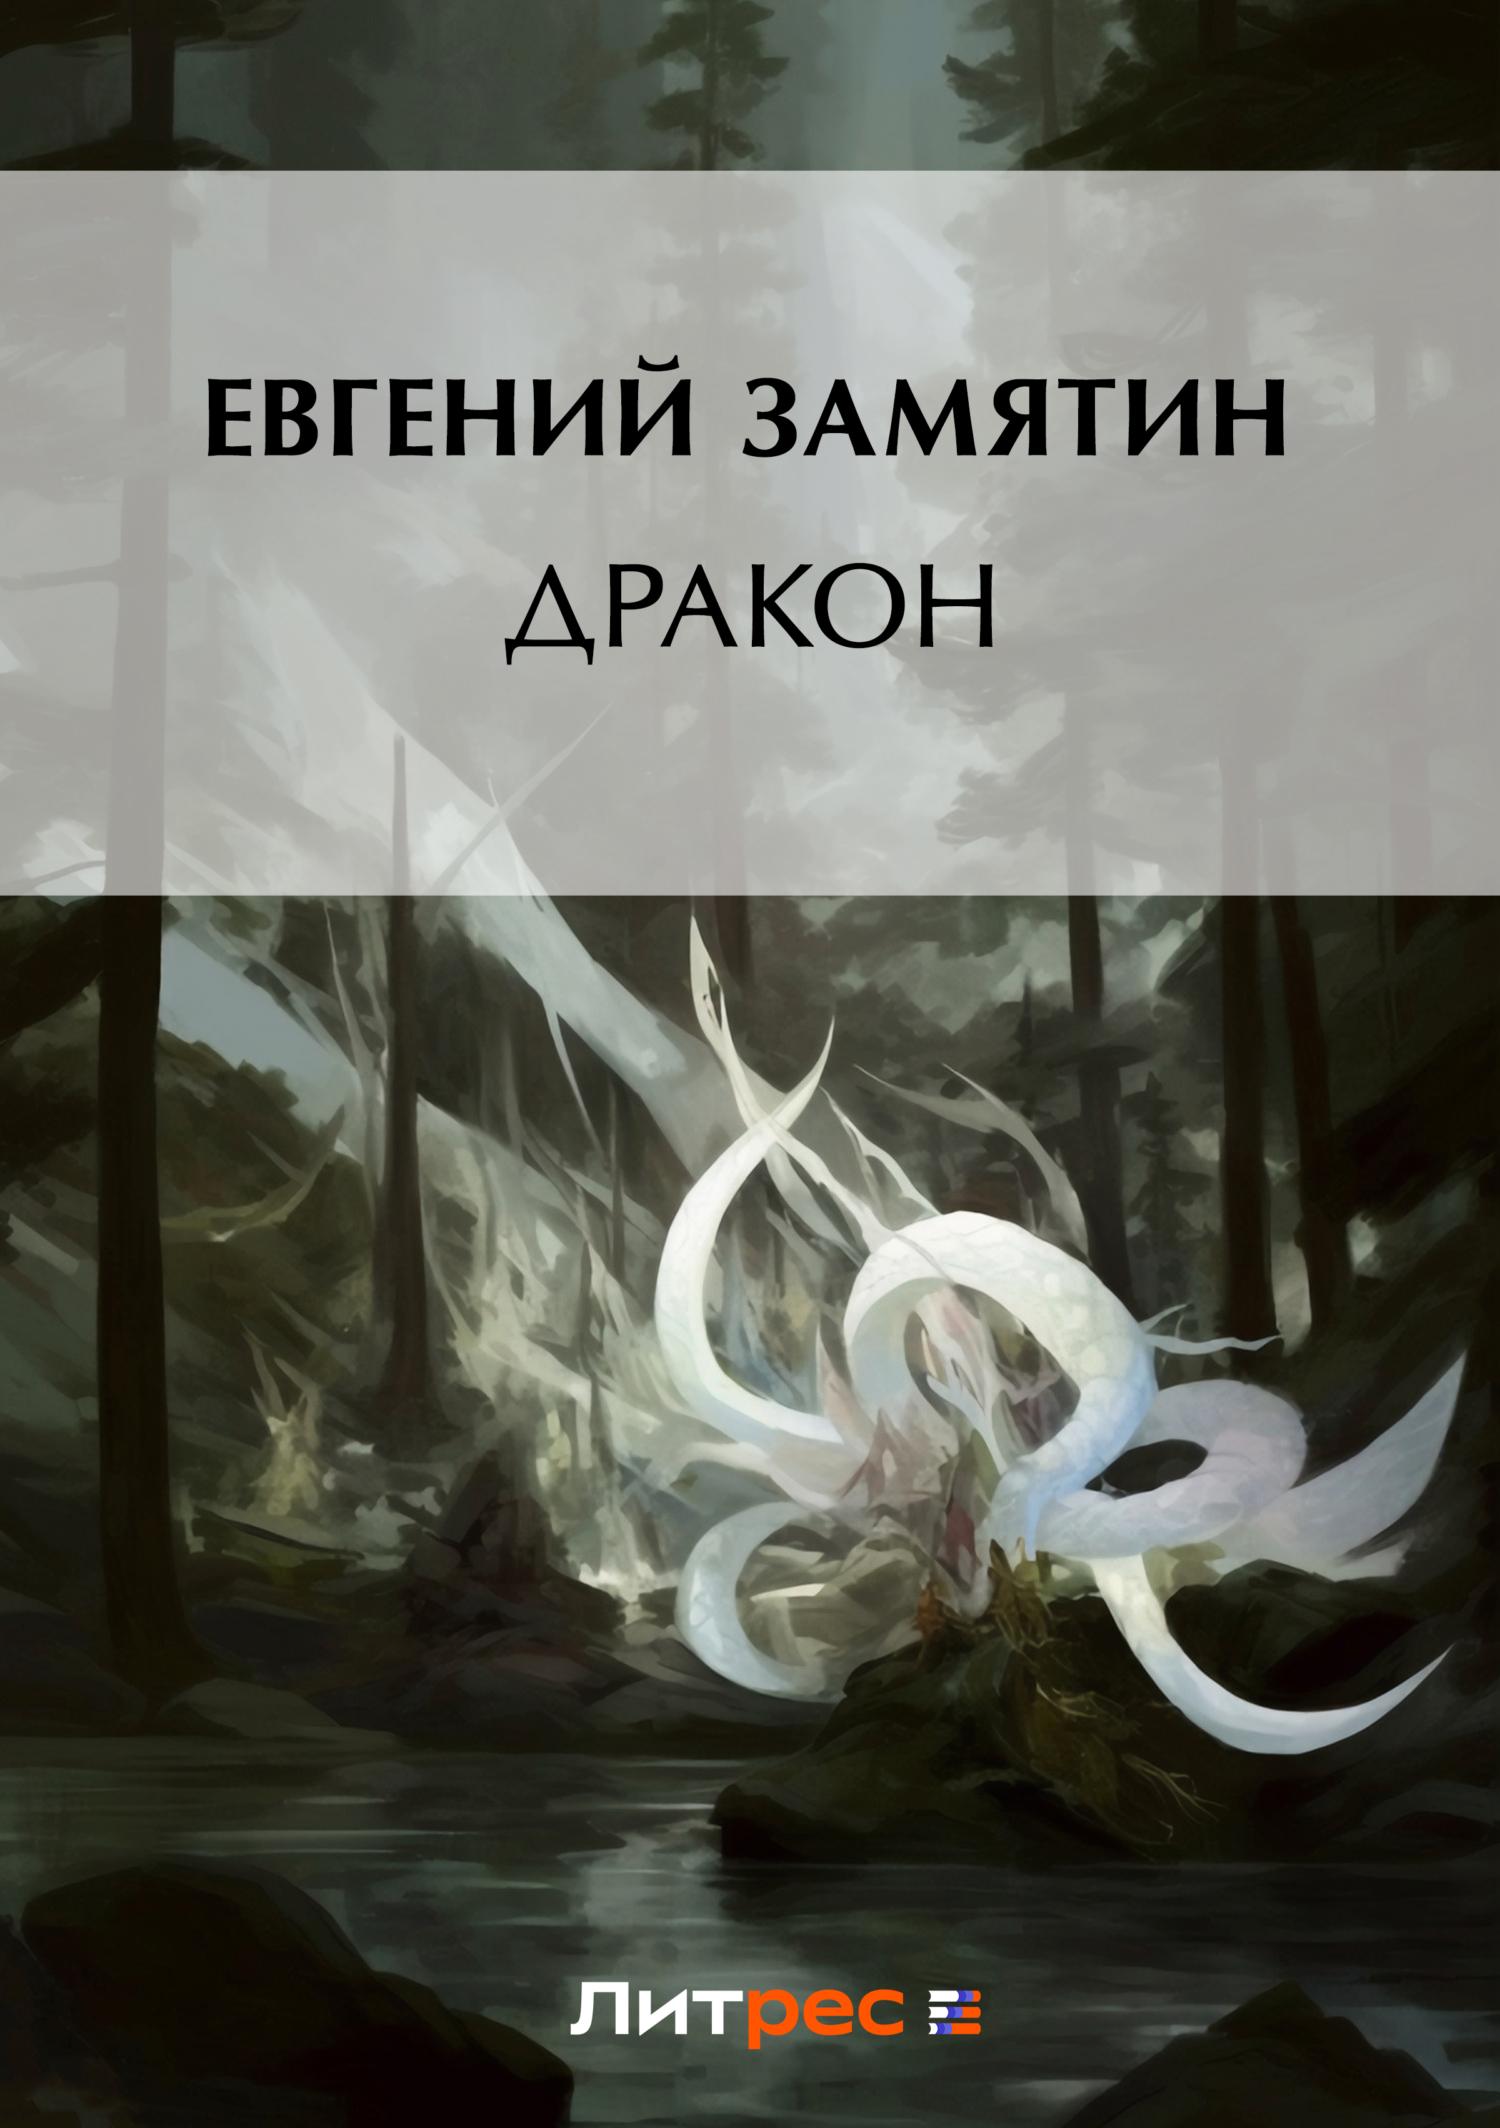 Евгений Замятин Дракон евгений замятин евгений замятин избранное